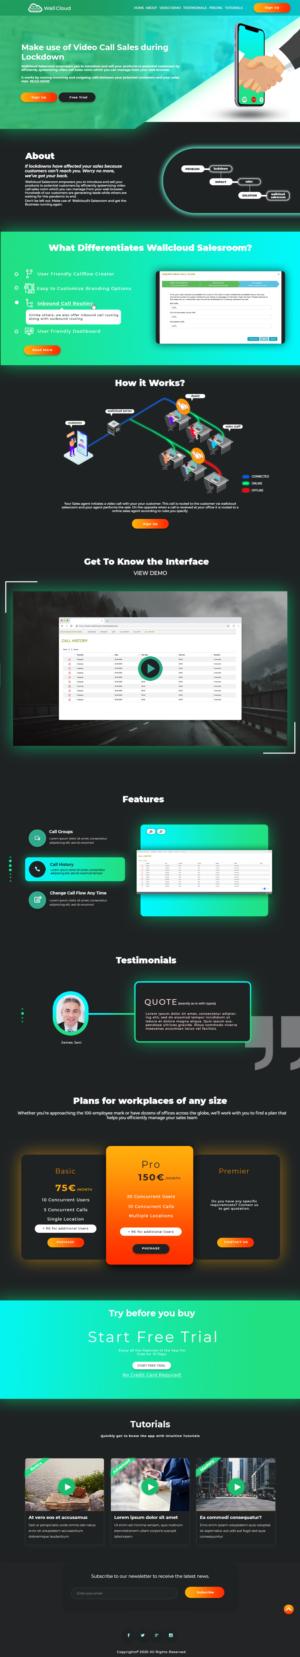 Landing Page Design by Hassaan Noor